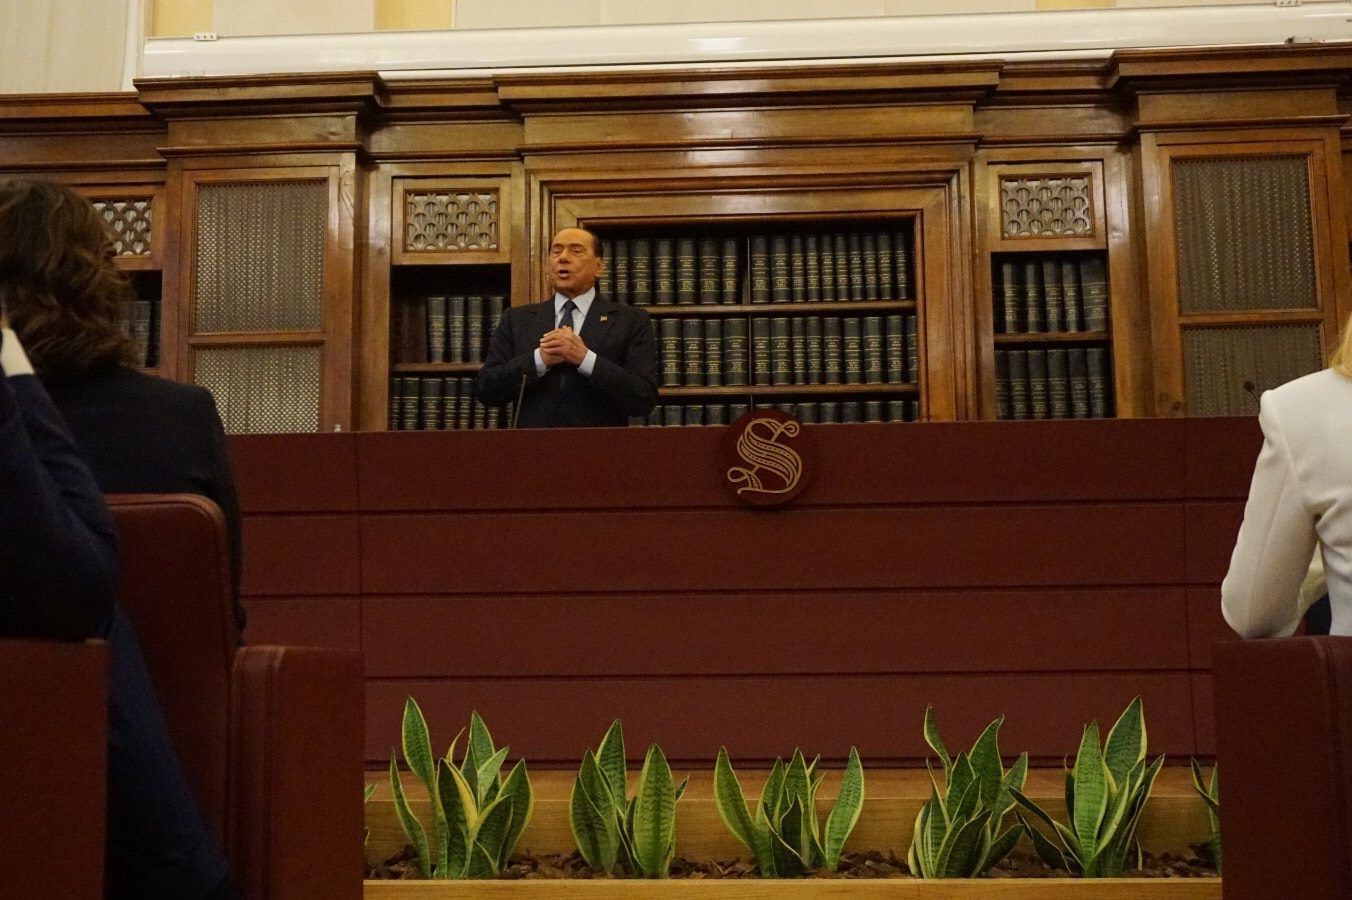 Soddisfazione dei nostri parlamentari toscani per la scelta di Berlusconi